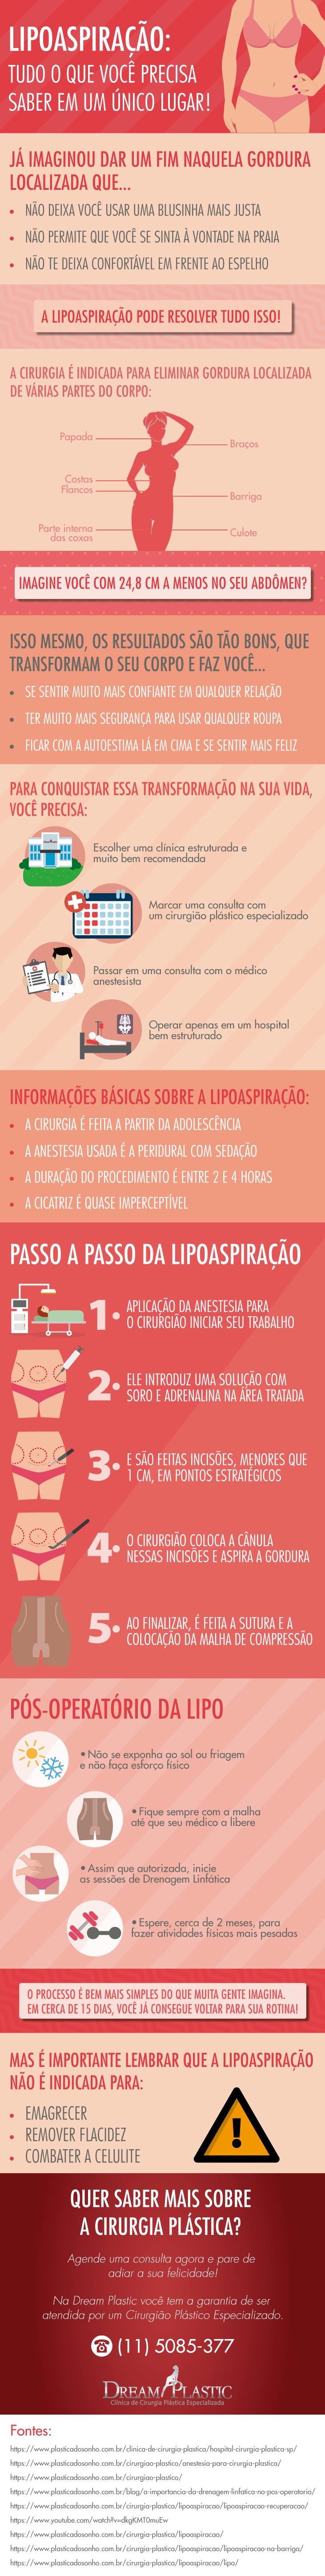 Infográfico Cirurgia Lipoaspiração